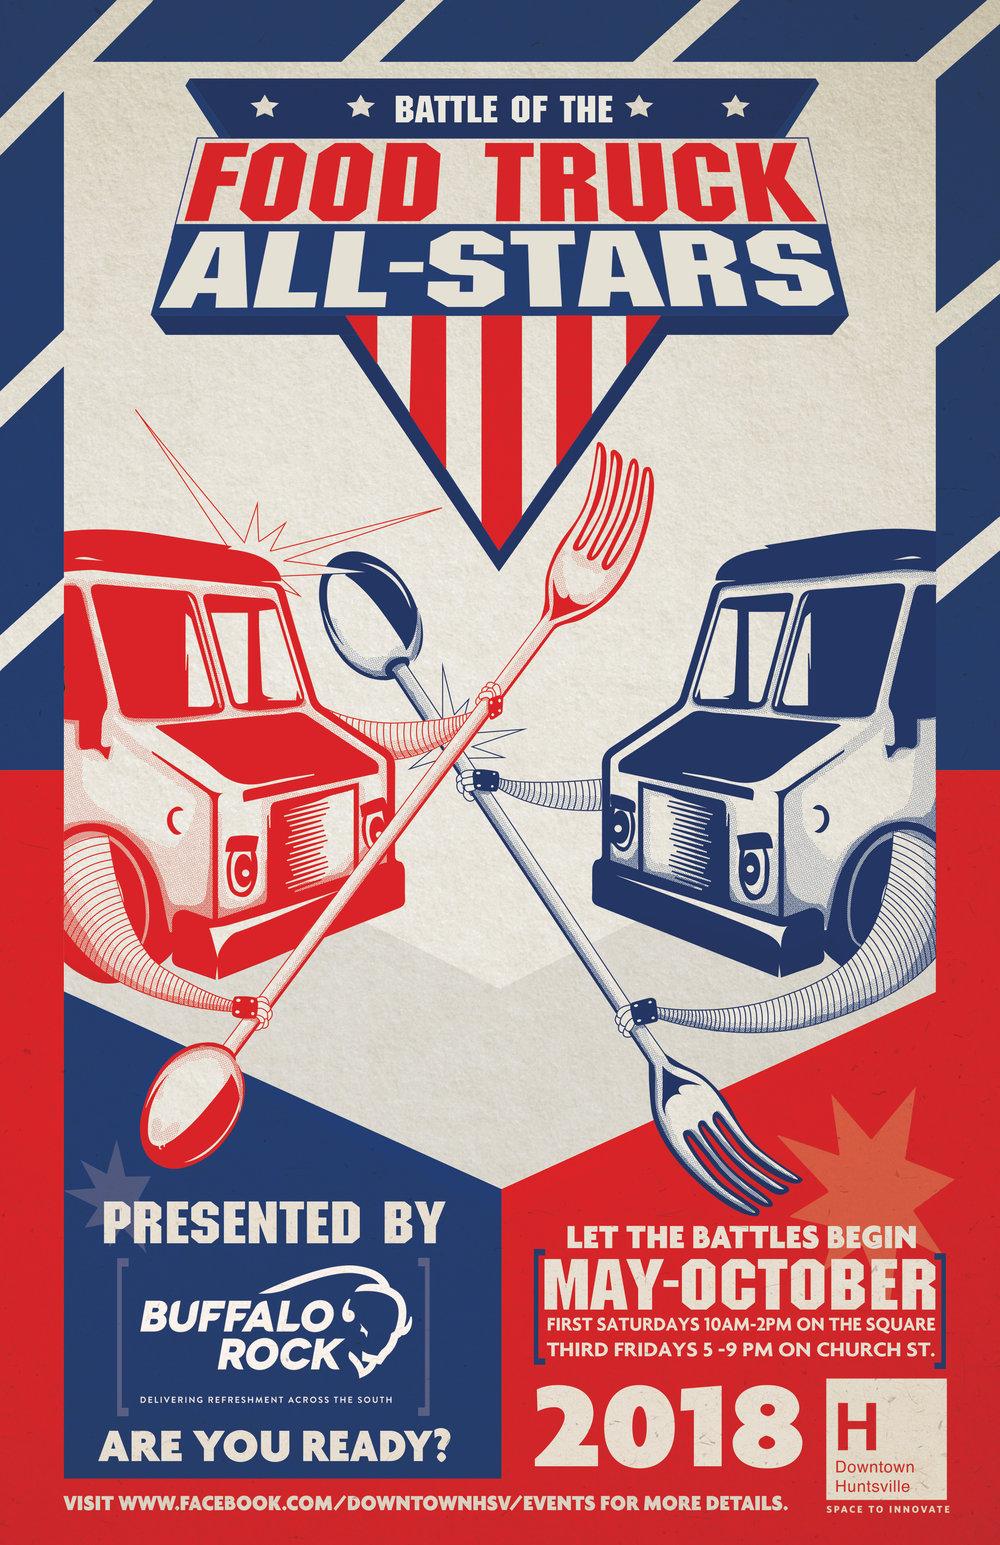 DHI_2018_FoodTruckAllStars_Poster_2.jpg